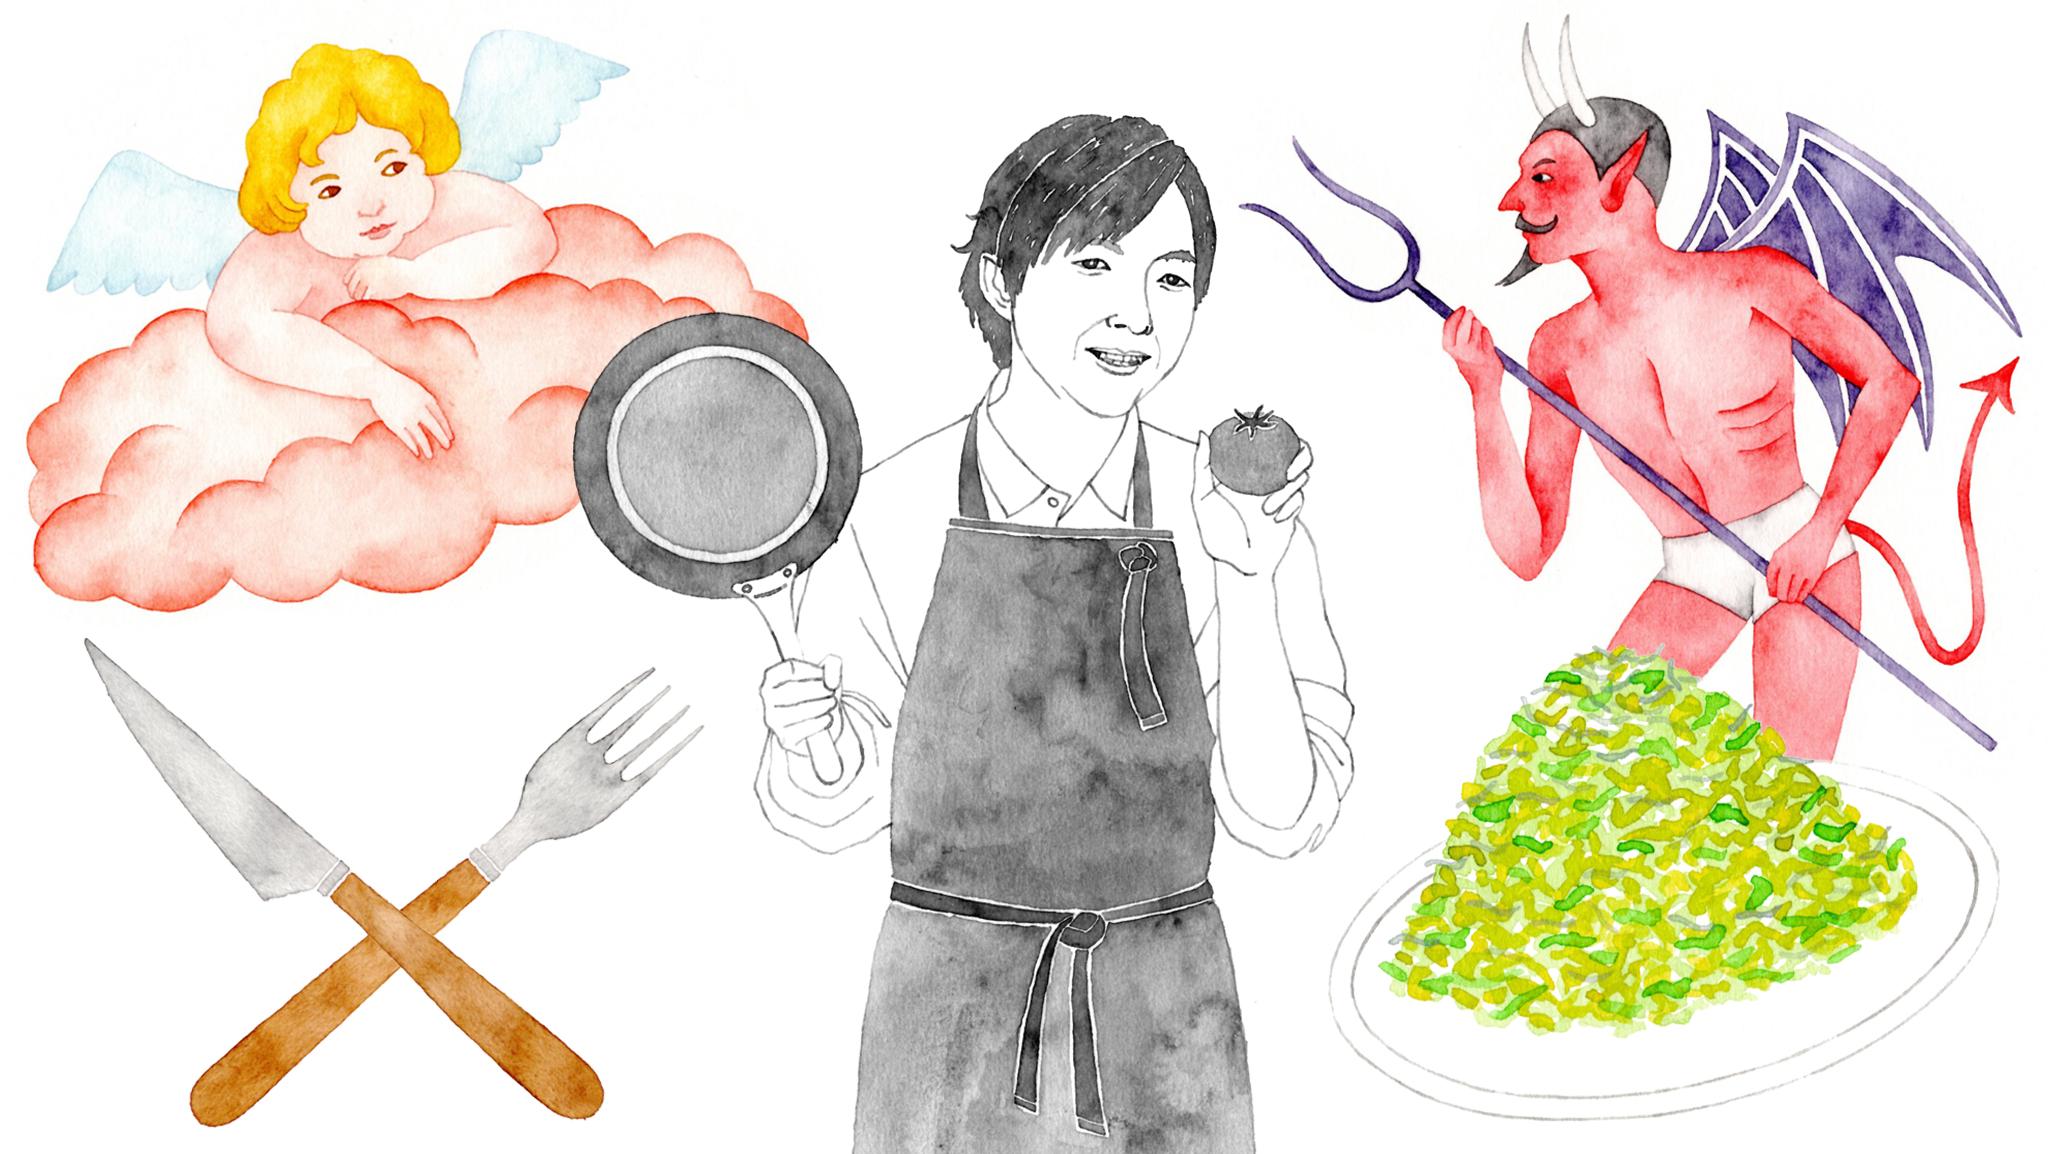 健康をつくるのはあくまで自分 自炊の伝道師・料理研究家リュウジ